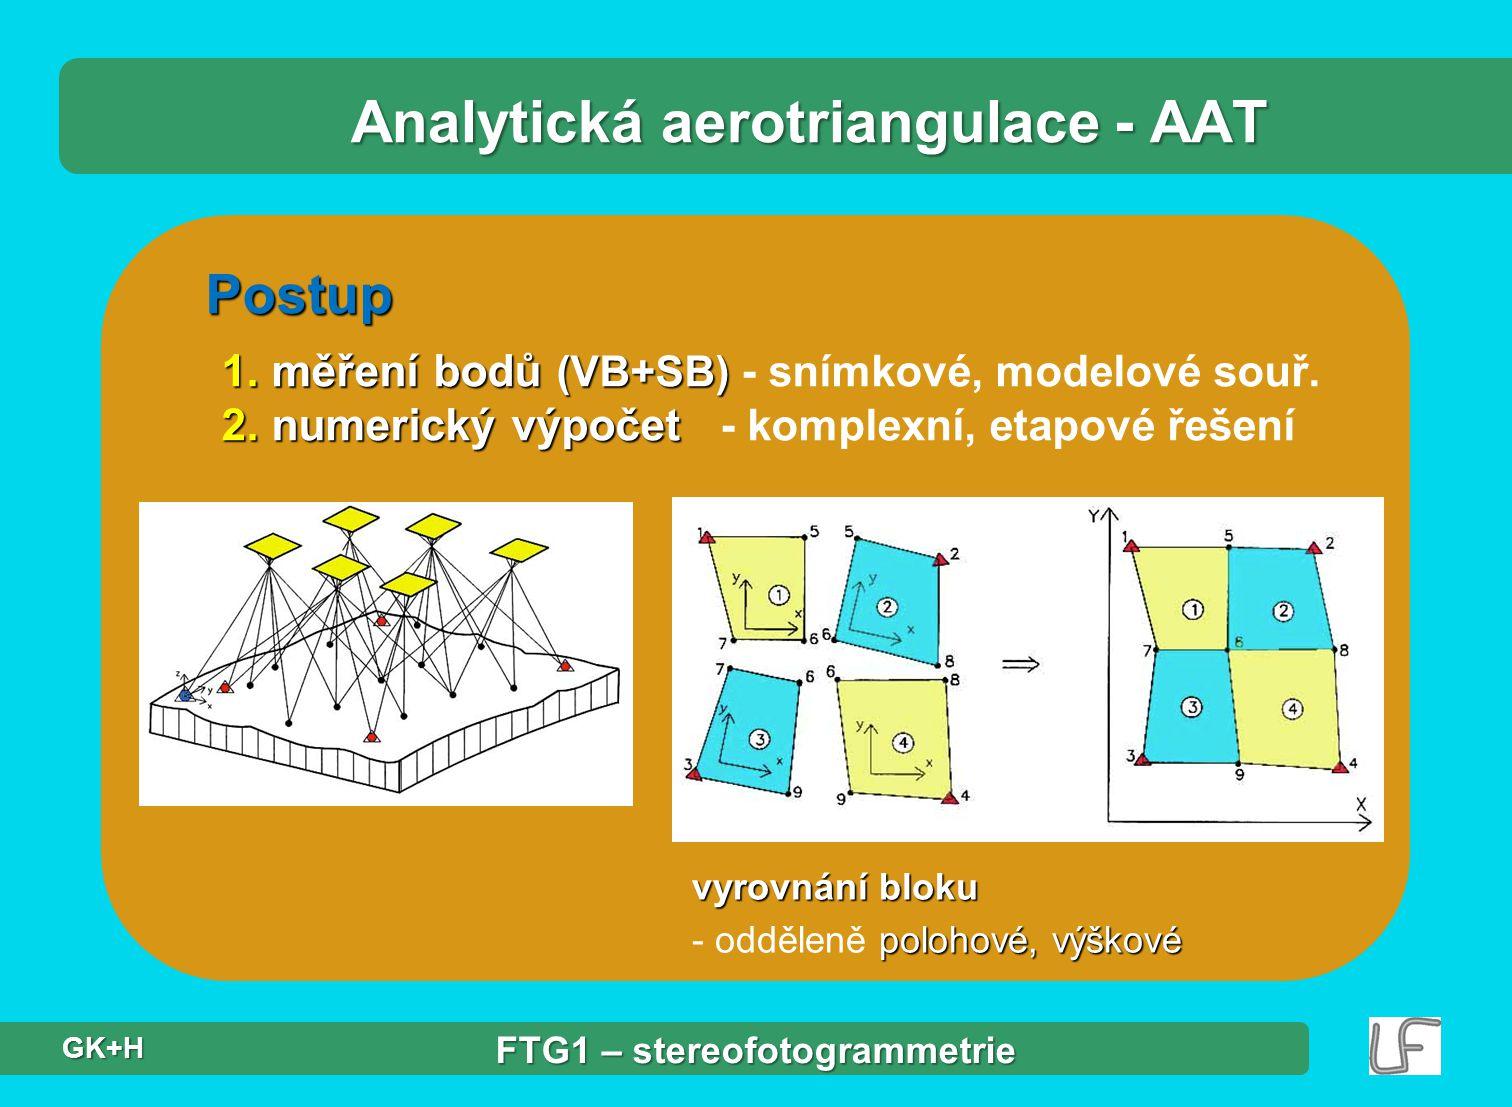 Postup 1. měření bodů (VB+SB) 2. numerický výpočet 1. měření bodů (VB+SB) - snímkové, modelové souř. 2. numerický výpočet - komplexní, etapové řešení